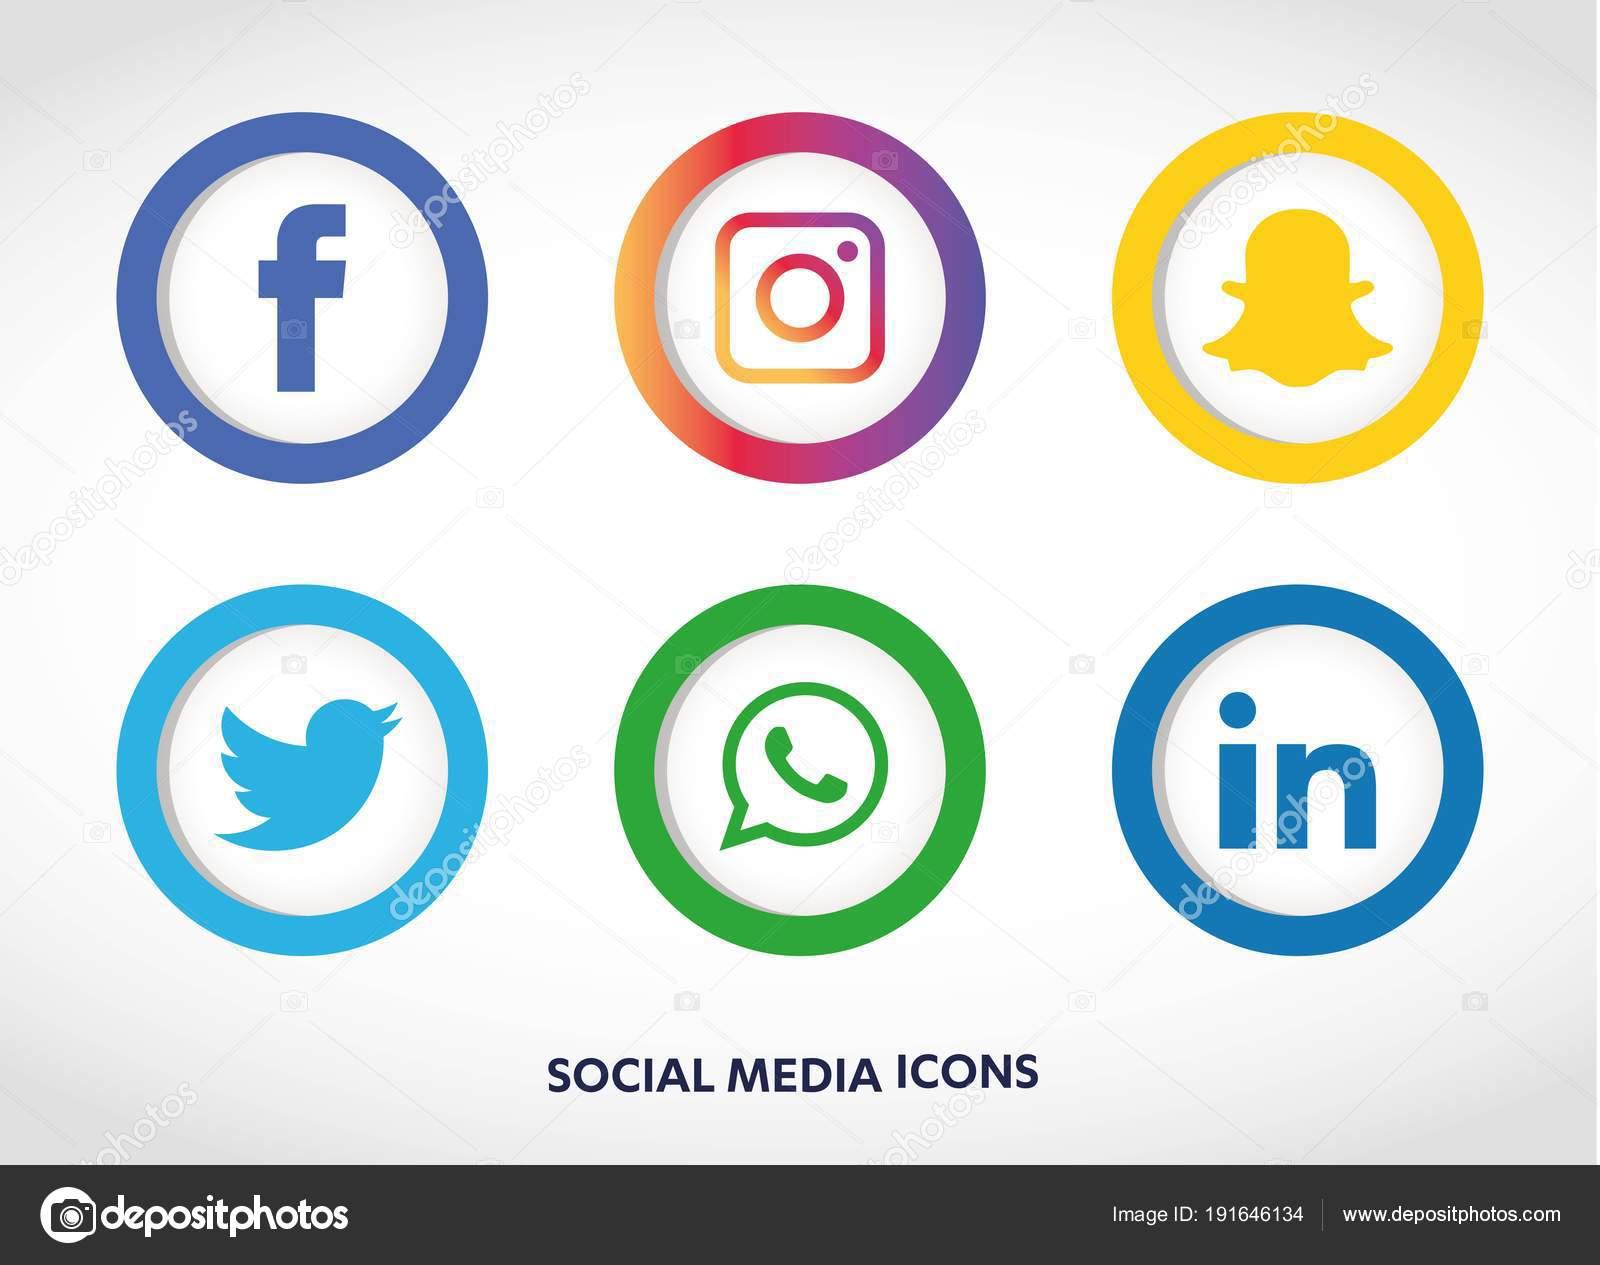 Vectores Descargar Iconos Del Whatsapp Conjunto Iconos Redes